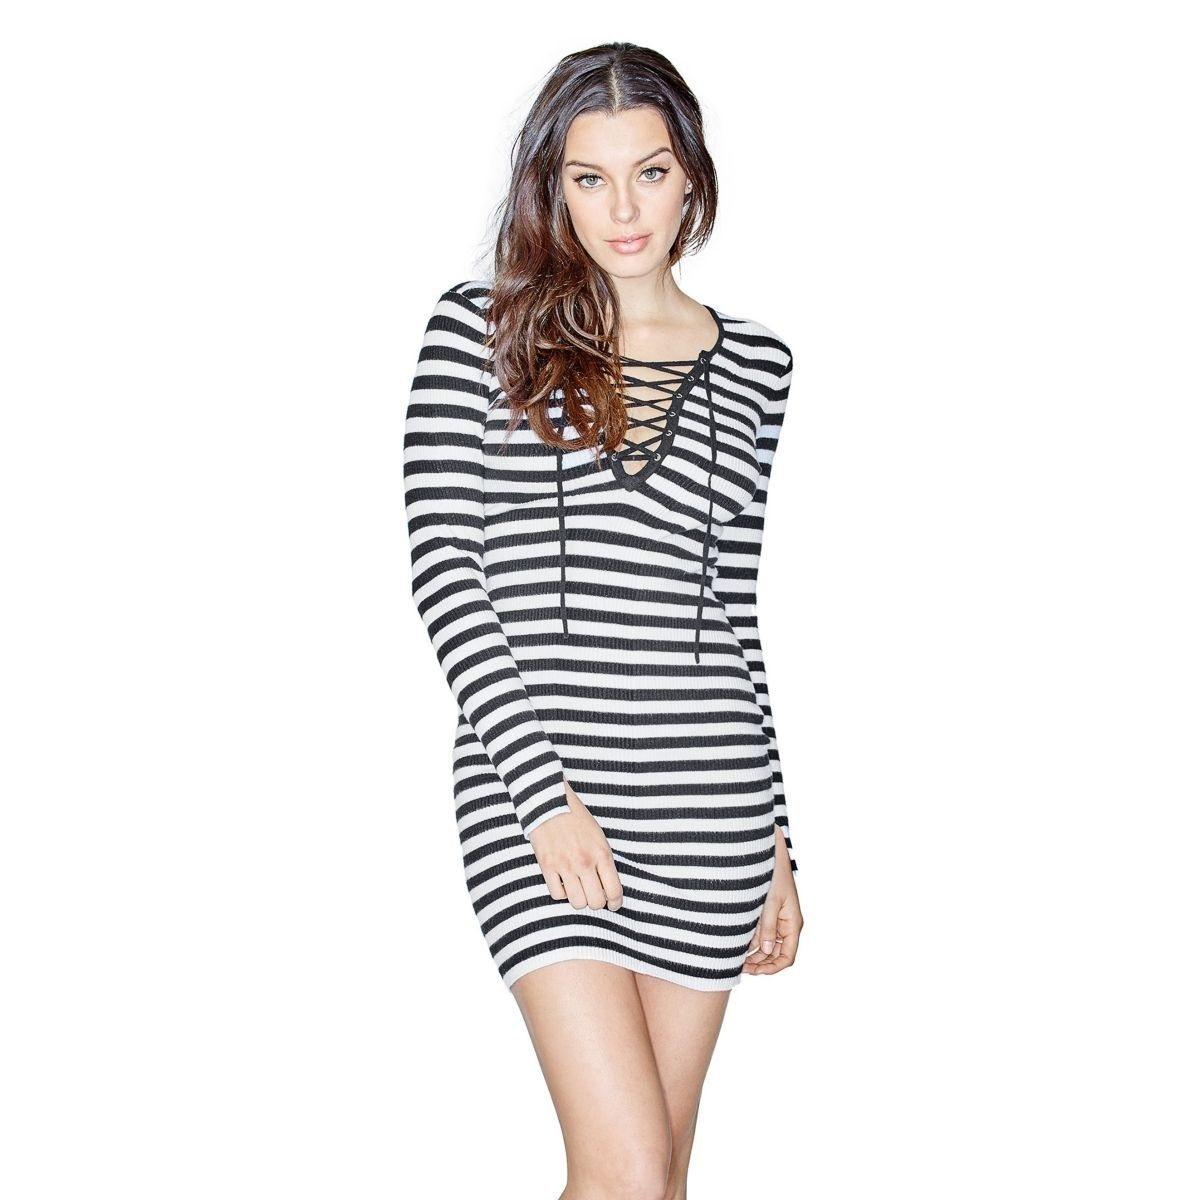 20 Großartig Schöne Damen Kleider DesignFormal Erstaunlich Schöne Damen Kleider Design